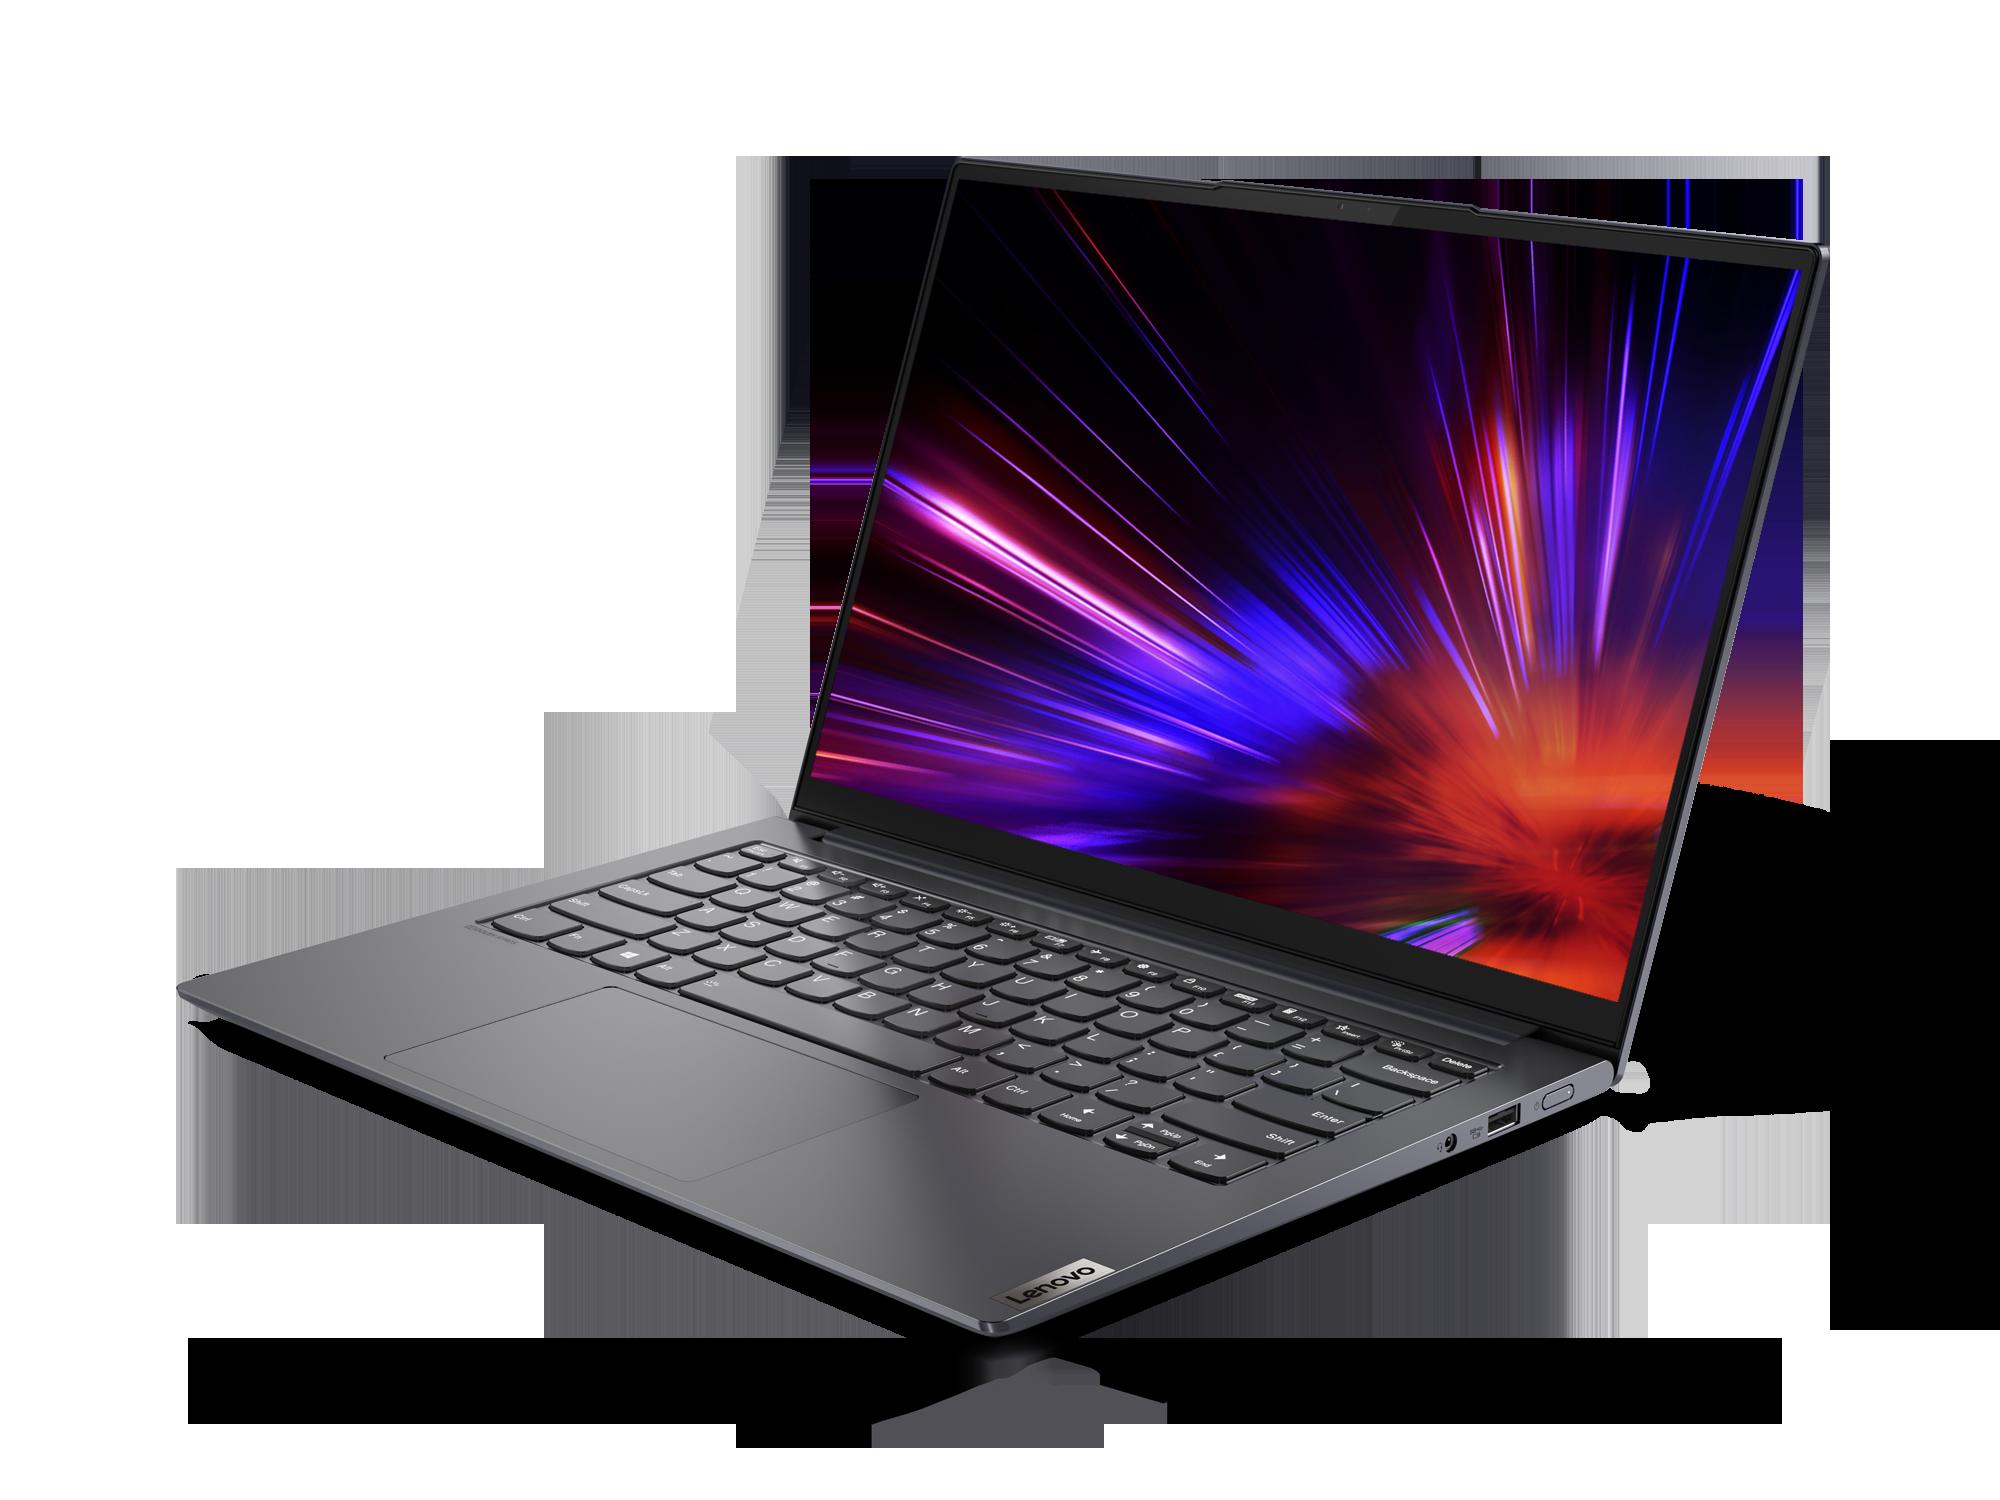 Lenovo_Yoga_Slim_7i_Pro_(OLED)_Front_Facing_Left